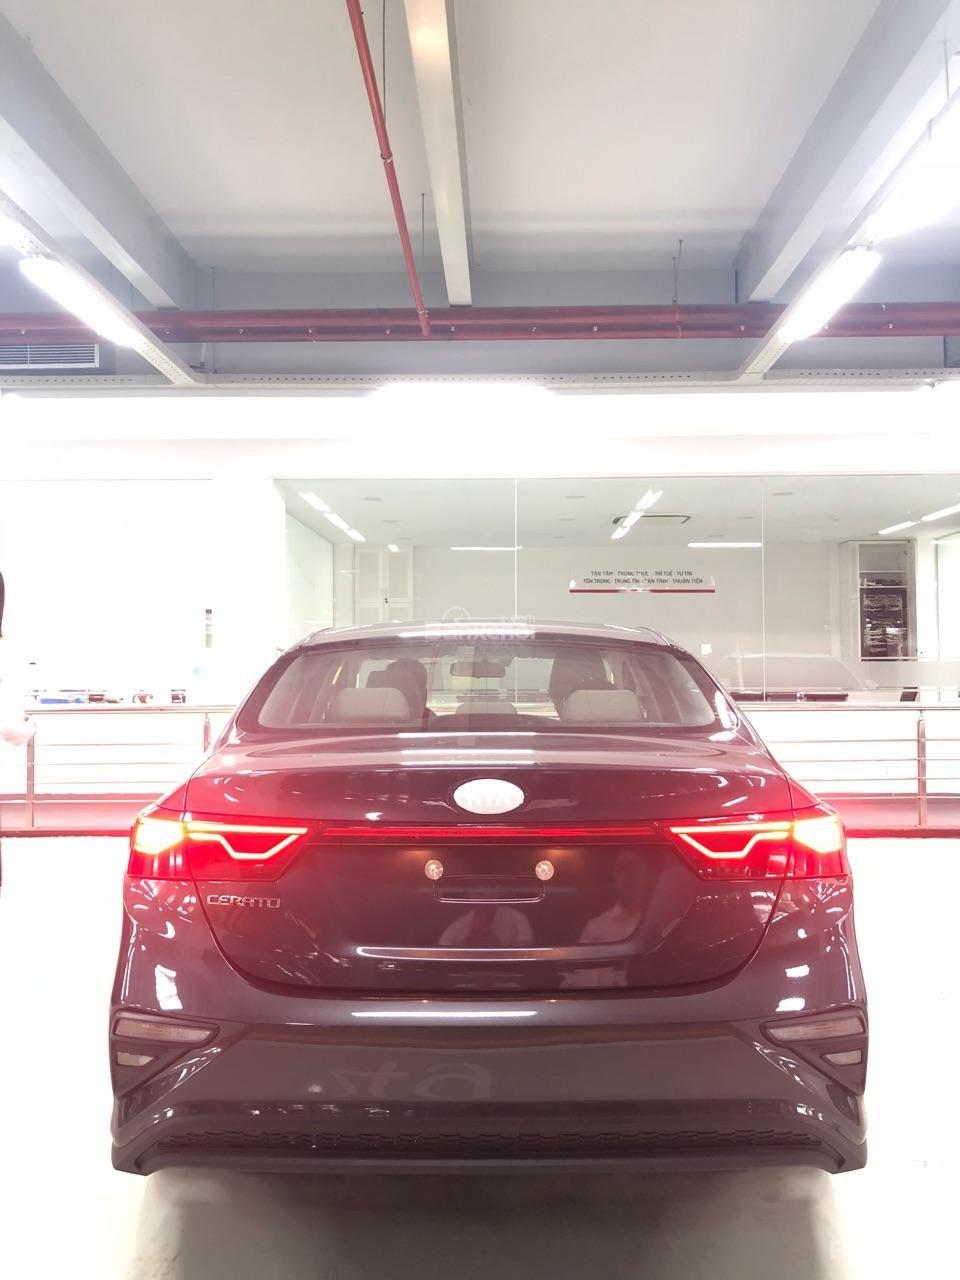 *** Hot Hot Hot *** Kia Cerato 2019 - sẵn xe, đủ màu, giao ngay, hotline 0938.903.940-2